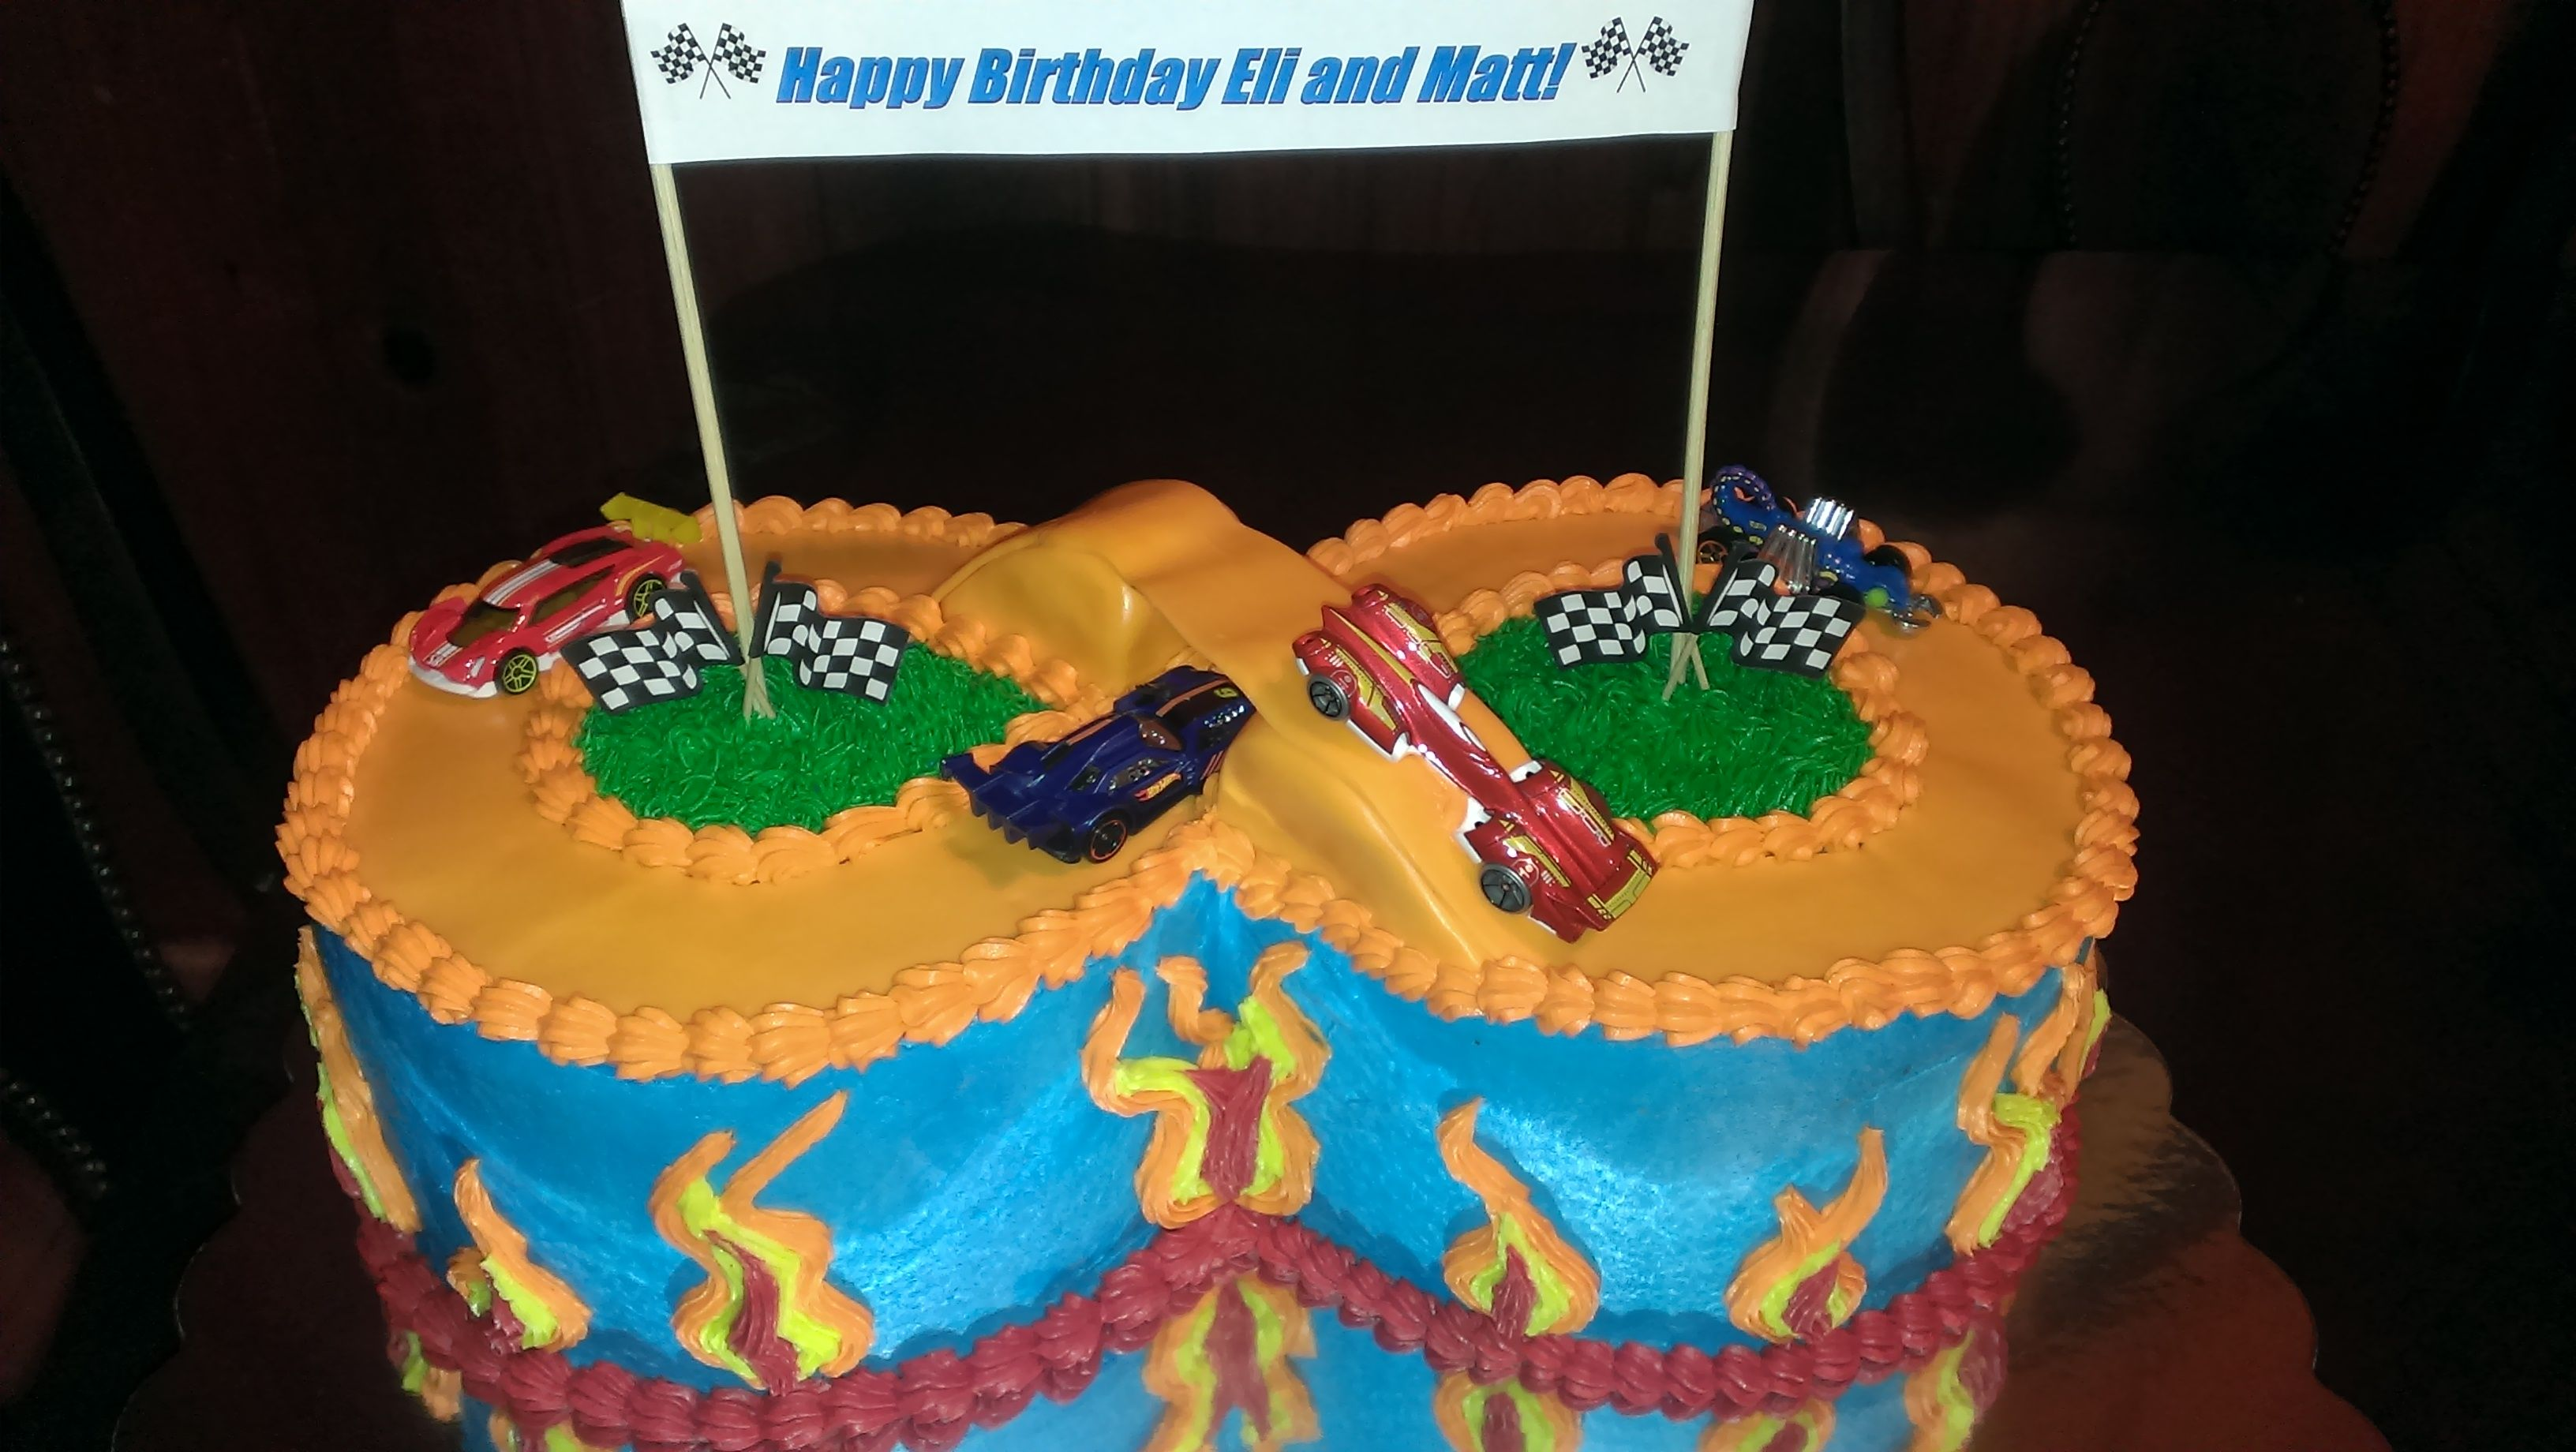 Bridge Wedding Cakes Fountain Wedding Cakes 8 Tier Wedding Cakes Tiered Wedding Cake